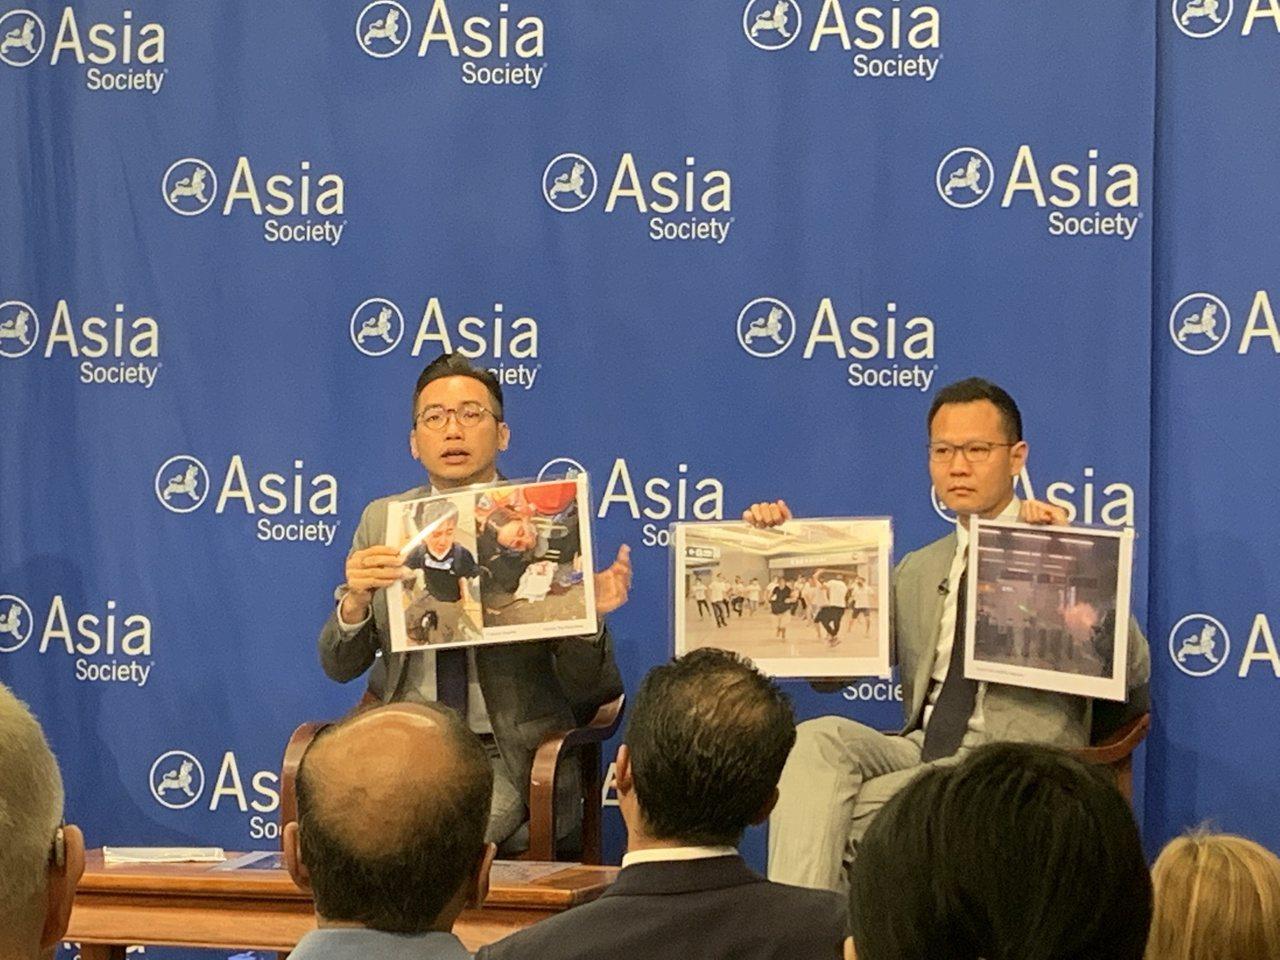 楊岳橋、郭榮鏗稱香港警方暴力執法,並指示相關照片。世界日報記者/和釗宇攝影